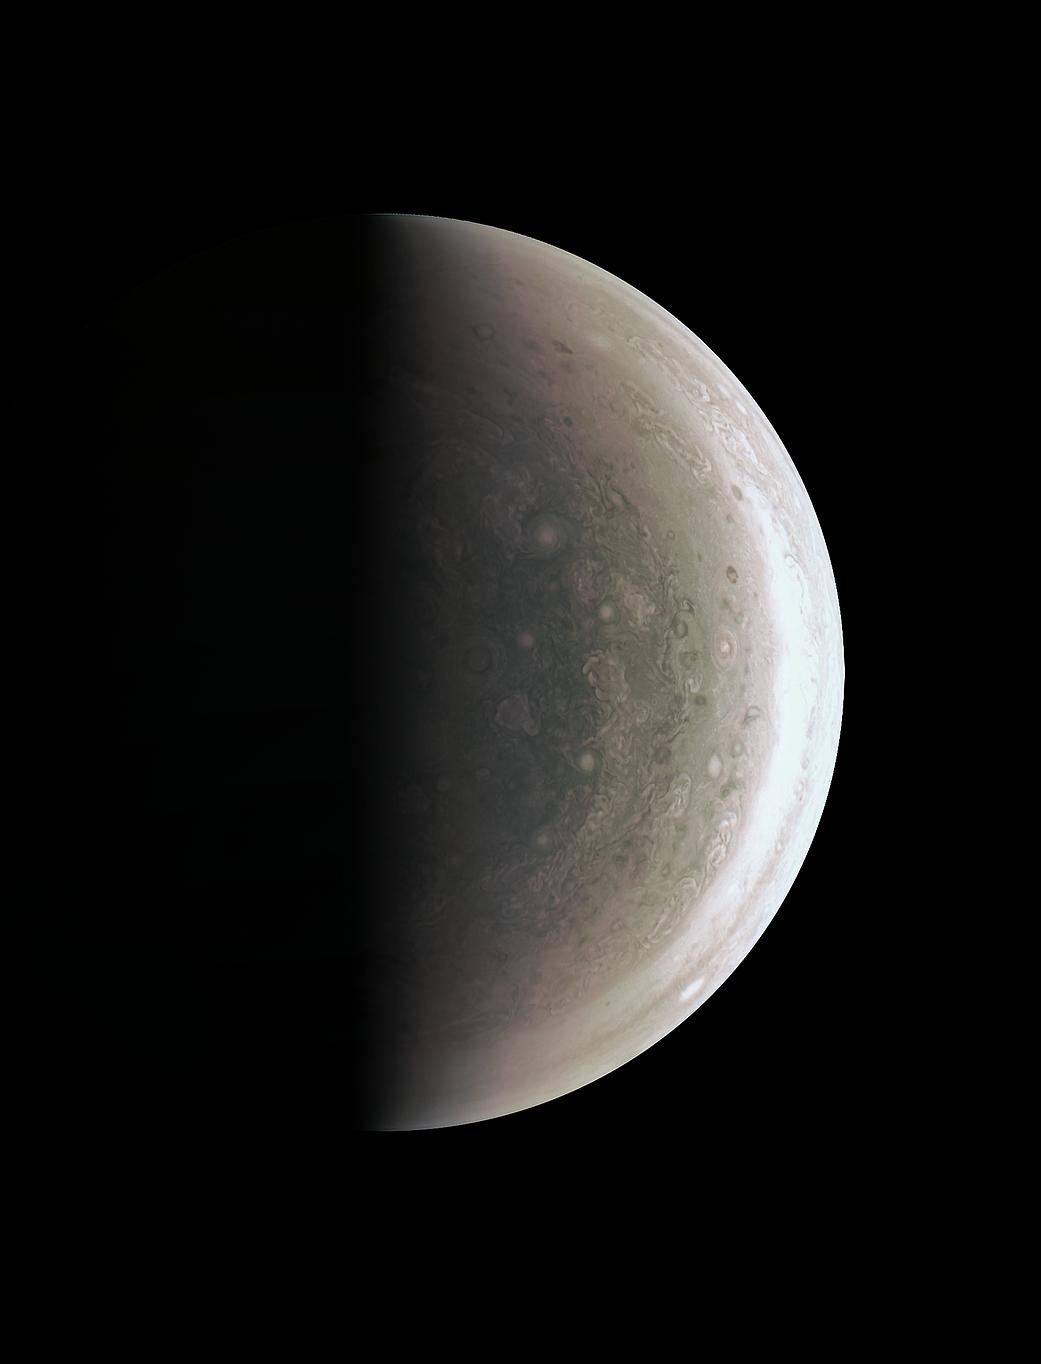 Jupiter south pole